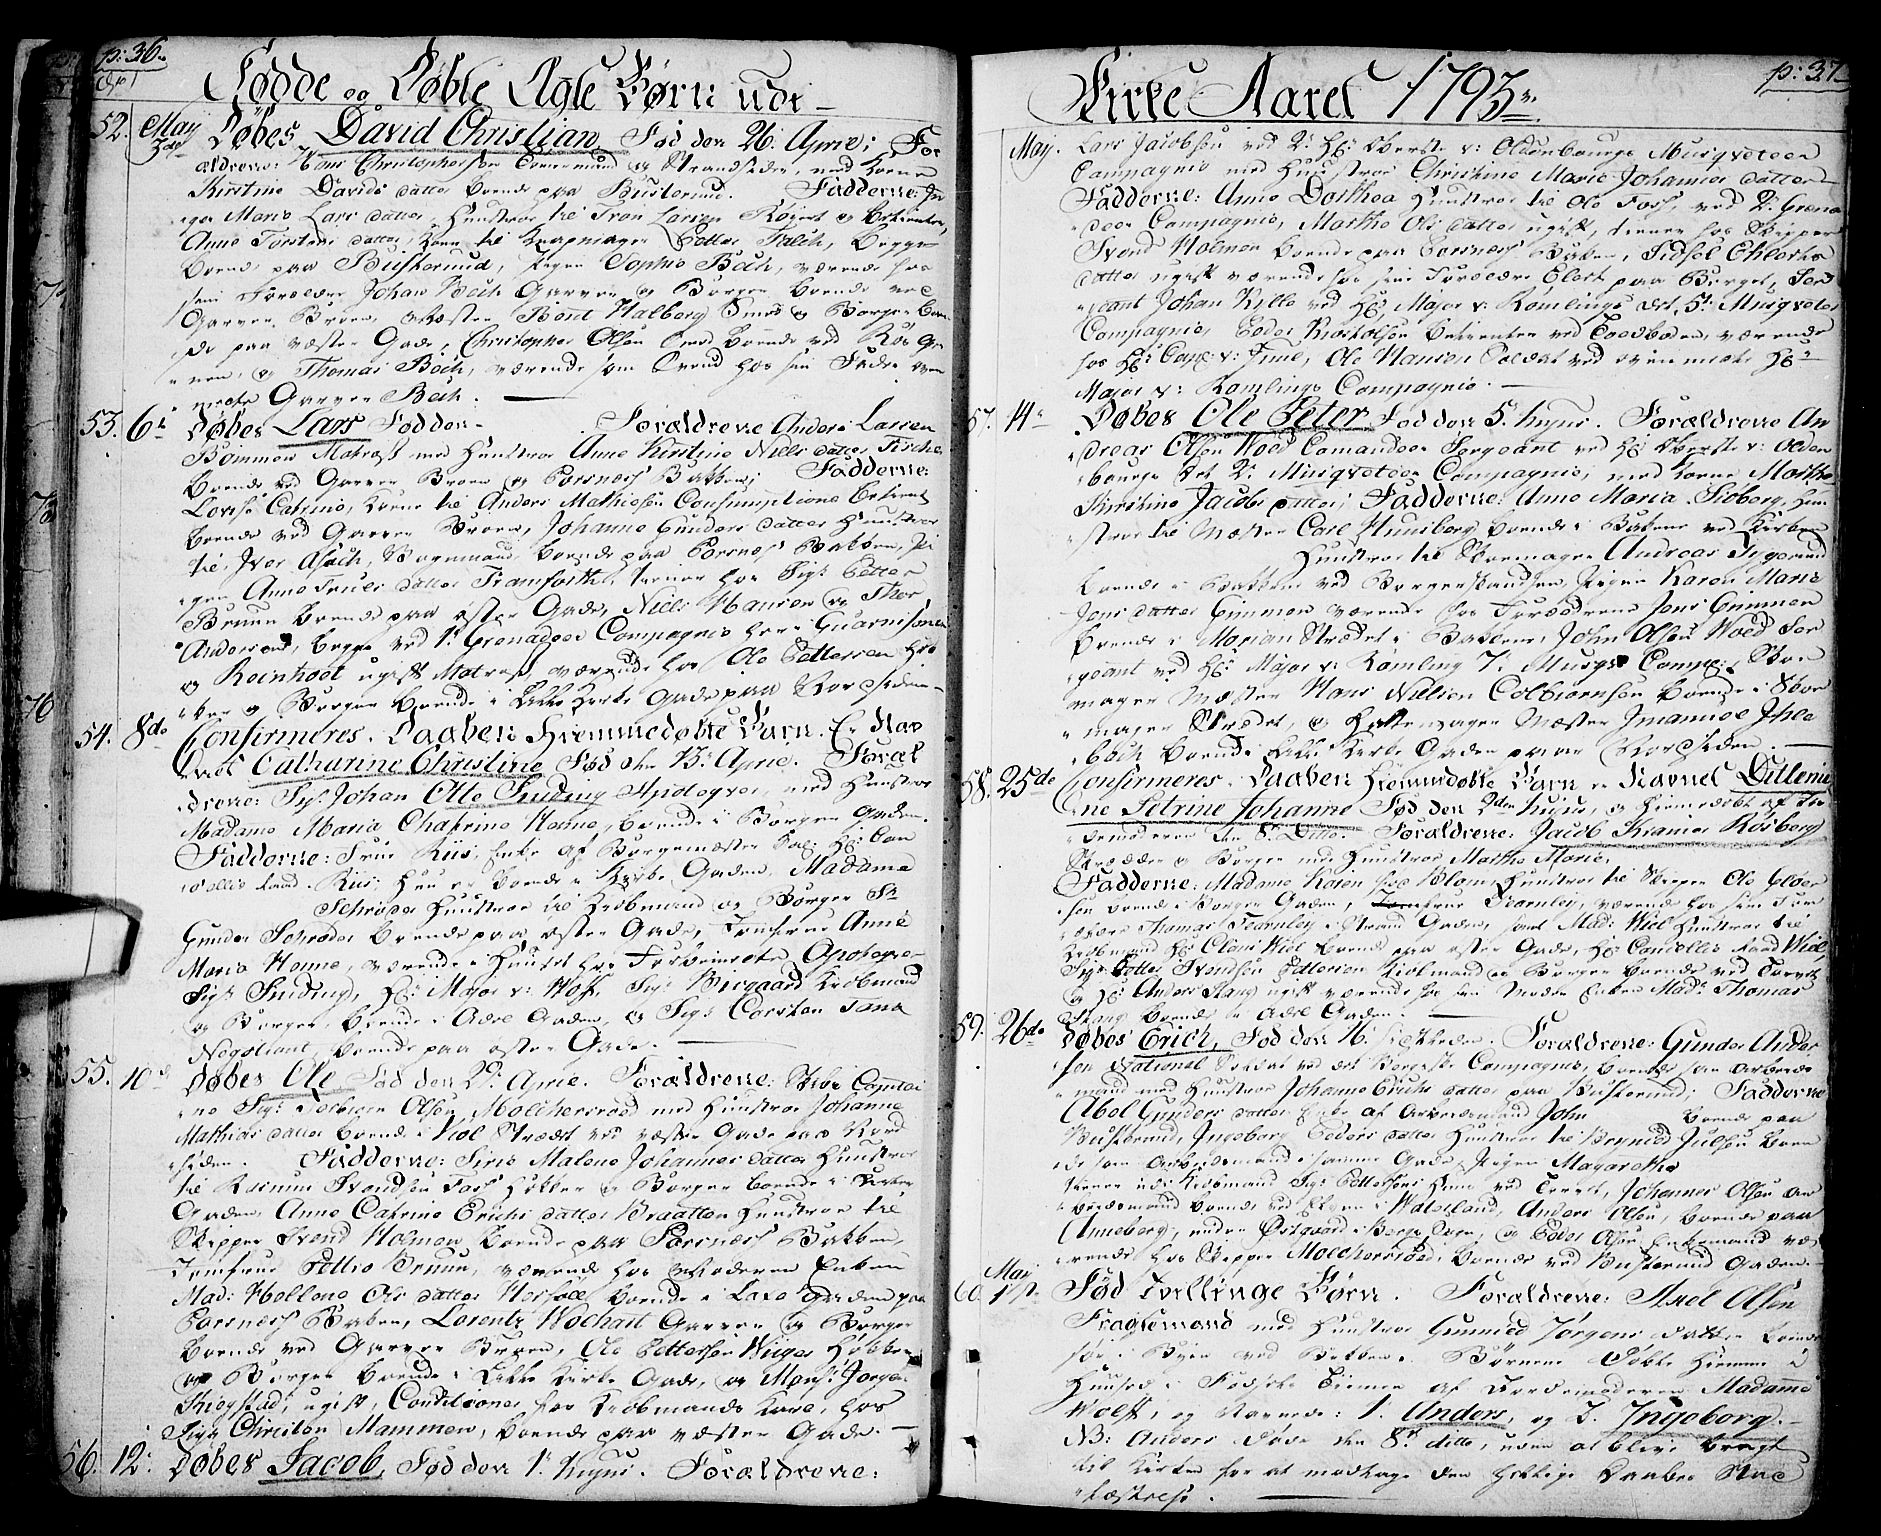 SAO, Halden prestekontor Kirkebøker, F/Fa/L0002: Ministerialbok nr. I 2, 1792-1812, s. 36-37